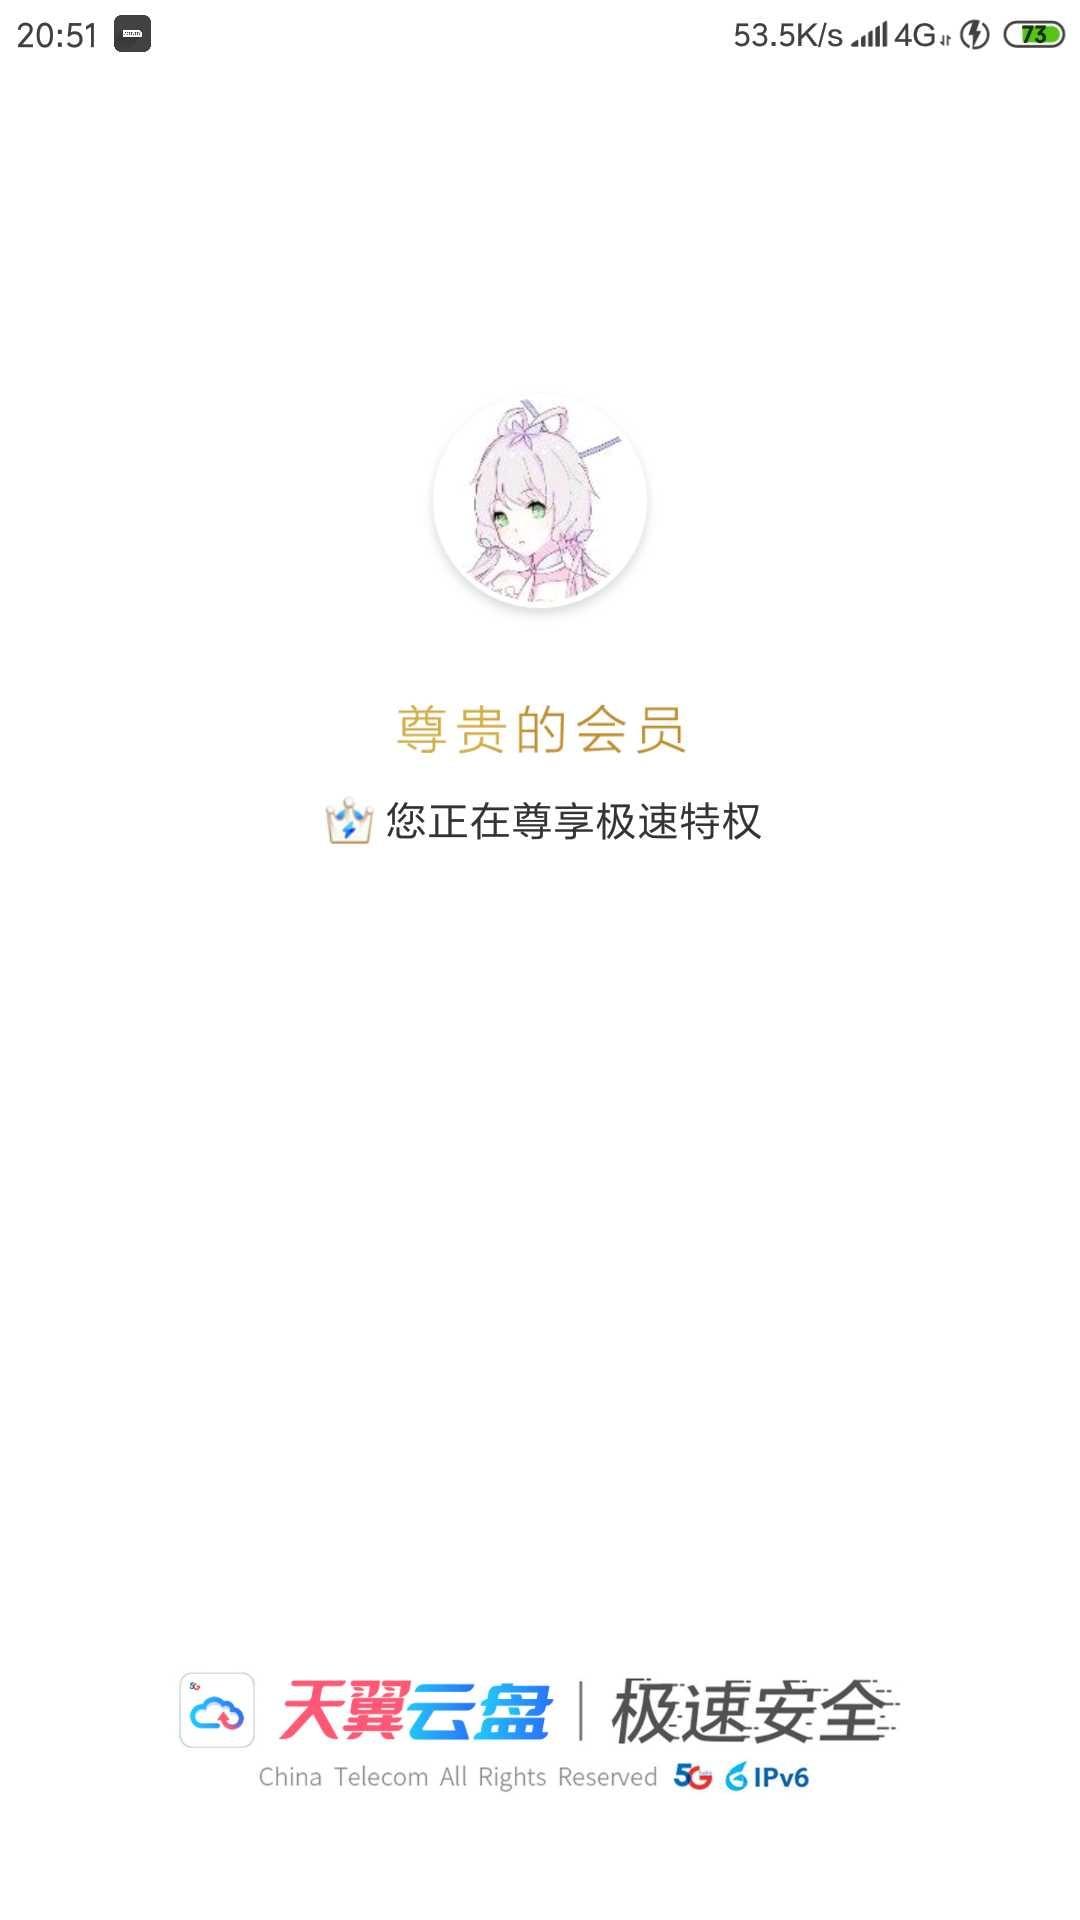 天翼云盘 v8.6.5直装/破解/会员/高级/完美/永久/铂金版